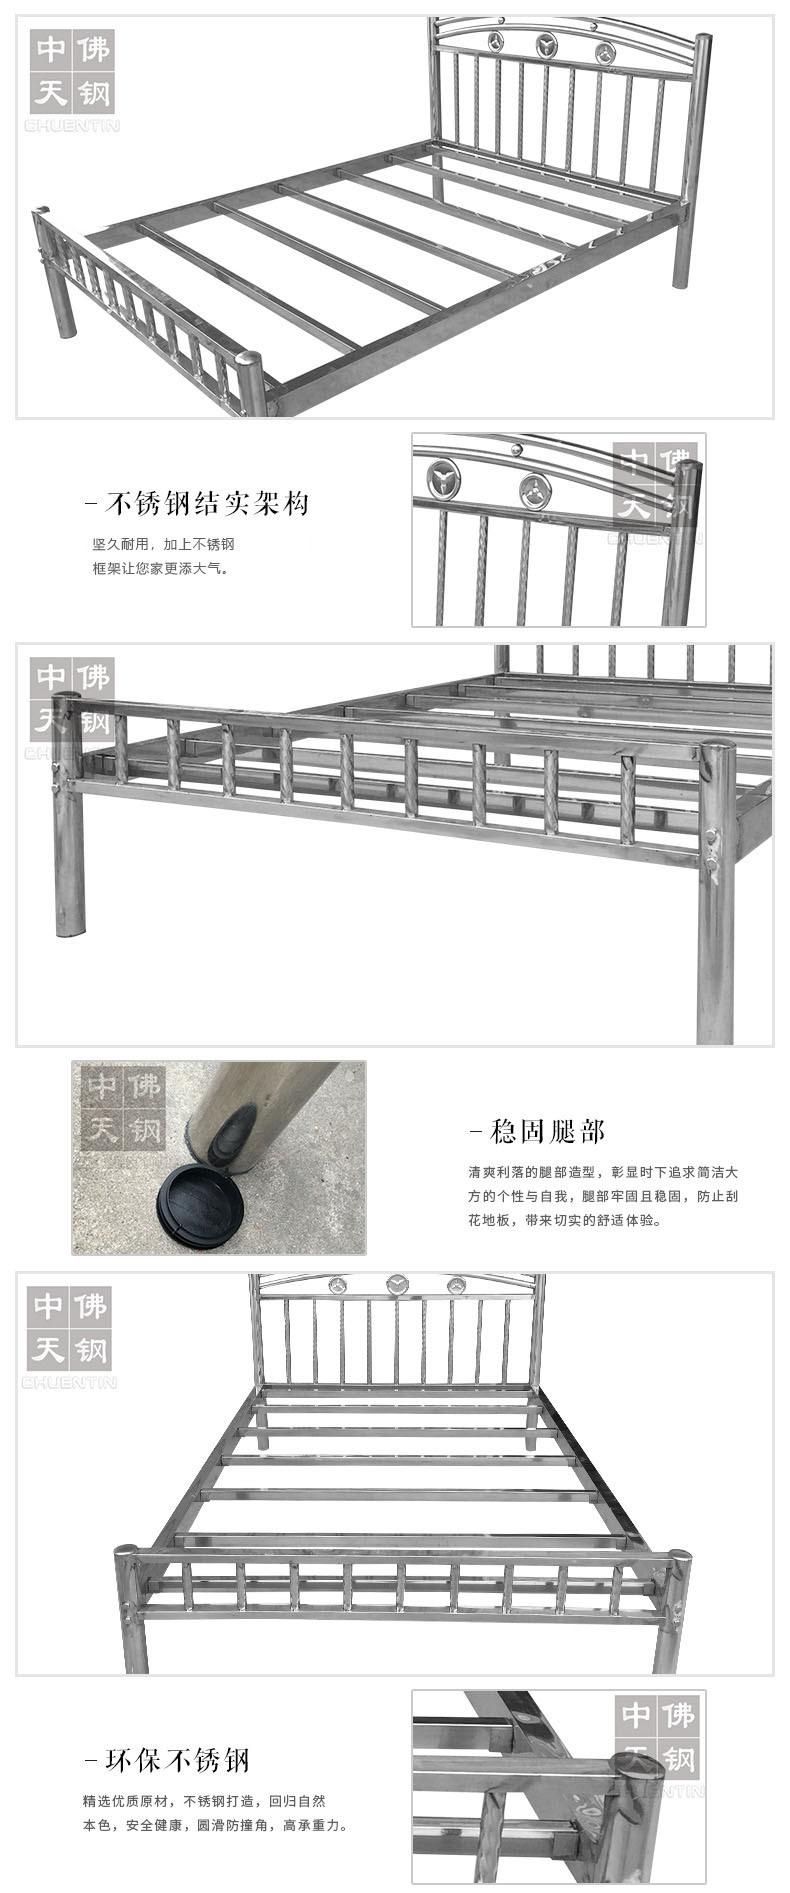 202钢制公寓出租屋床 不锈钢床1.2 1.5 1.8米304不锈钢双人床厂家示例图8